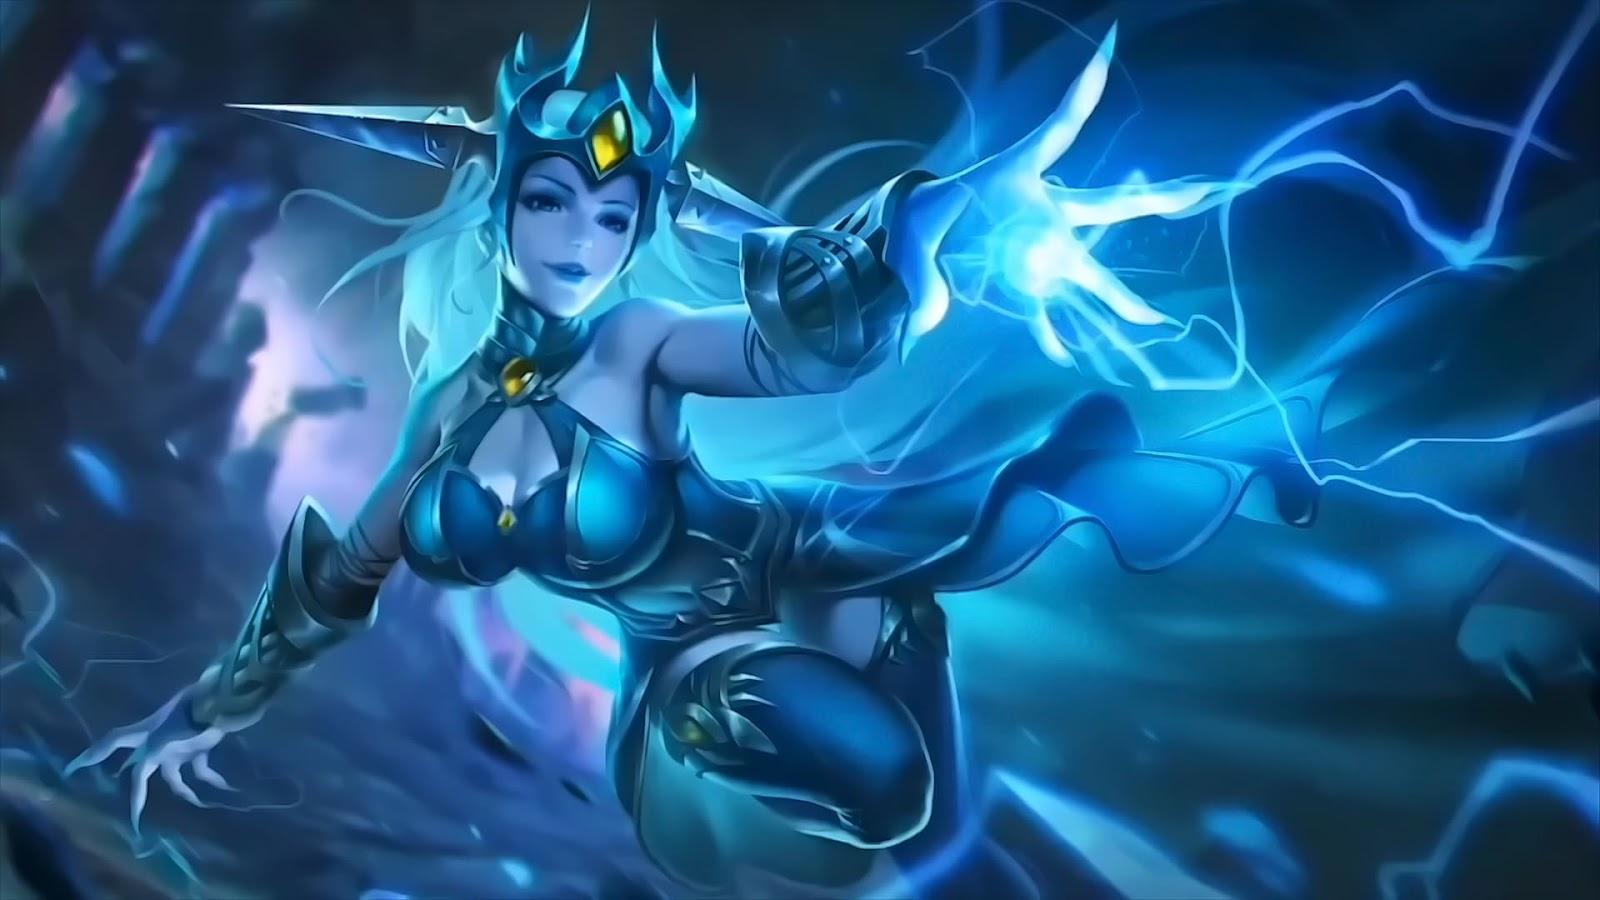 Wallpaper Eudora Lightning Sorceress Old Skins Mobile Legends HD for PC